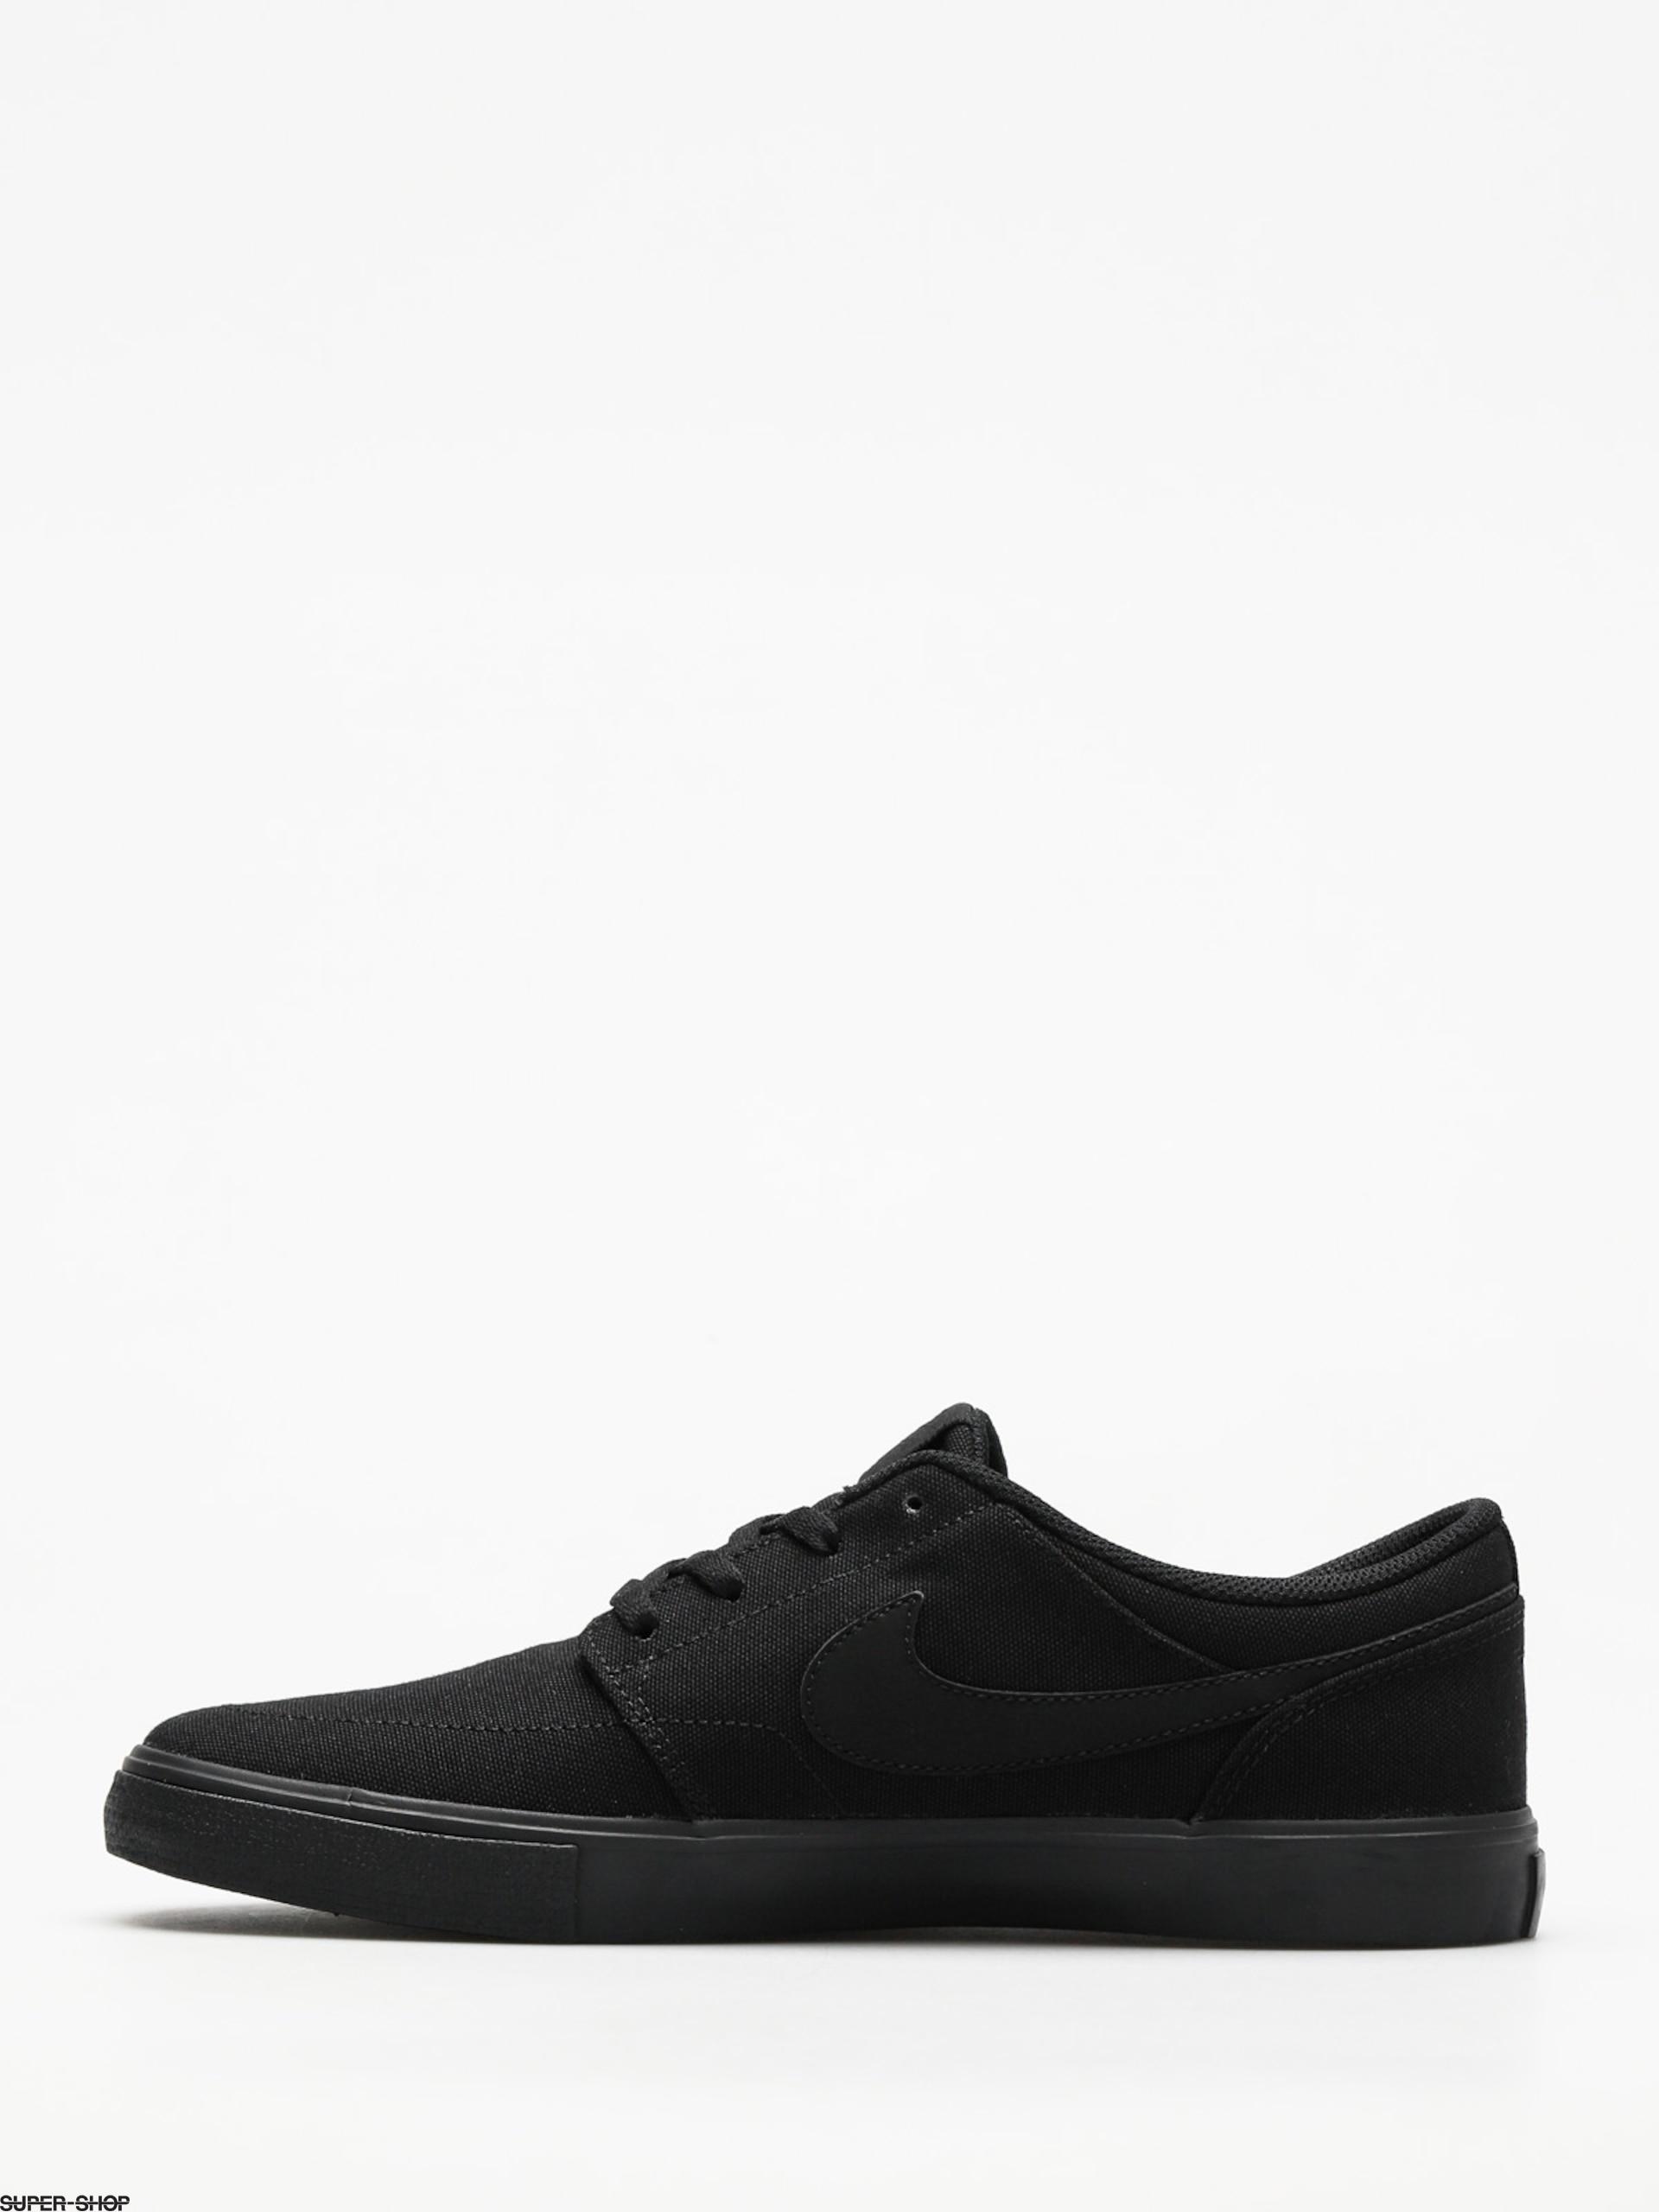 Nike SB Schuhe Portmore II Solar Cnvs (schwarz schwarz) Schnelle lieferung